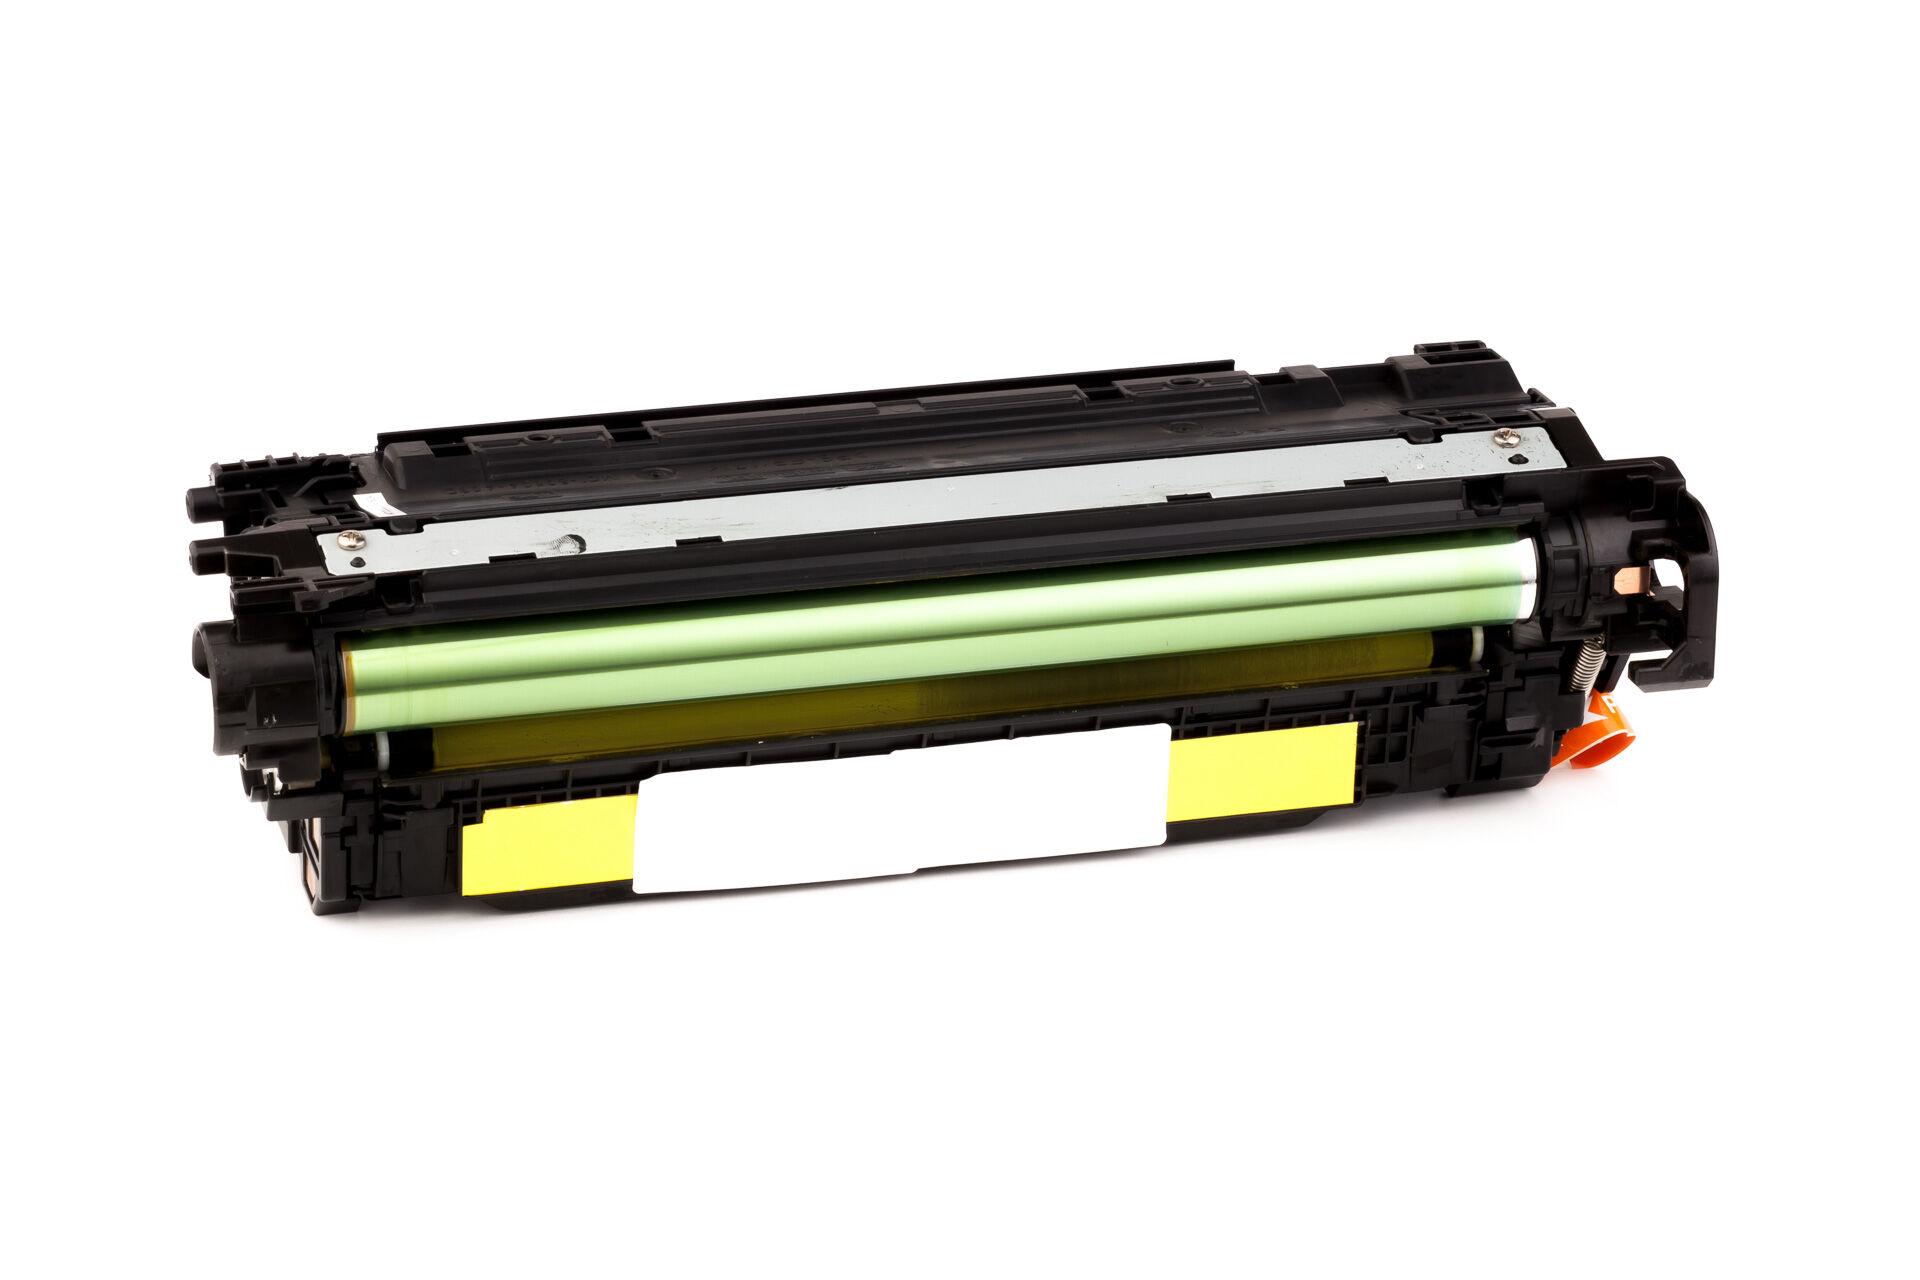 HP Cartouche de Toner pour HP CE402A / 507A jaune compatible (de marque ASC)